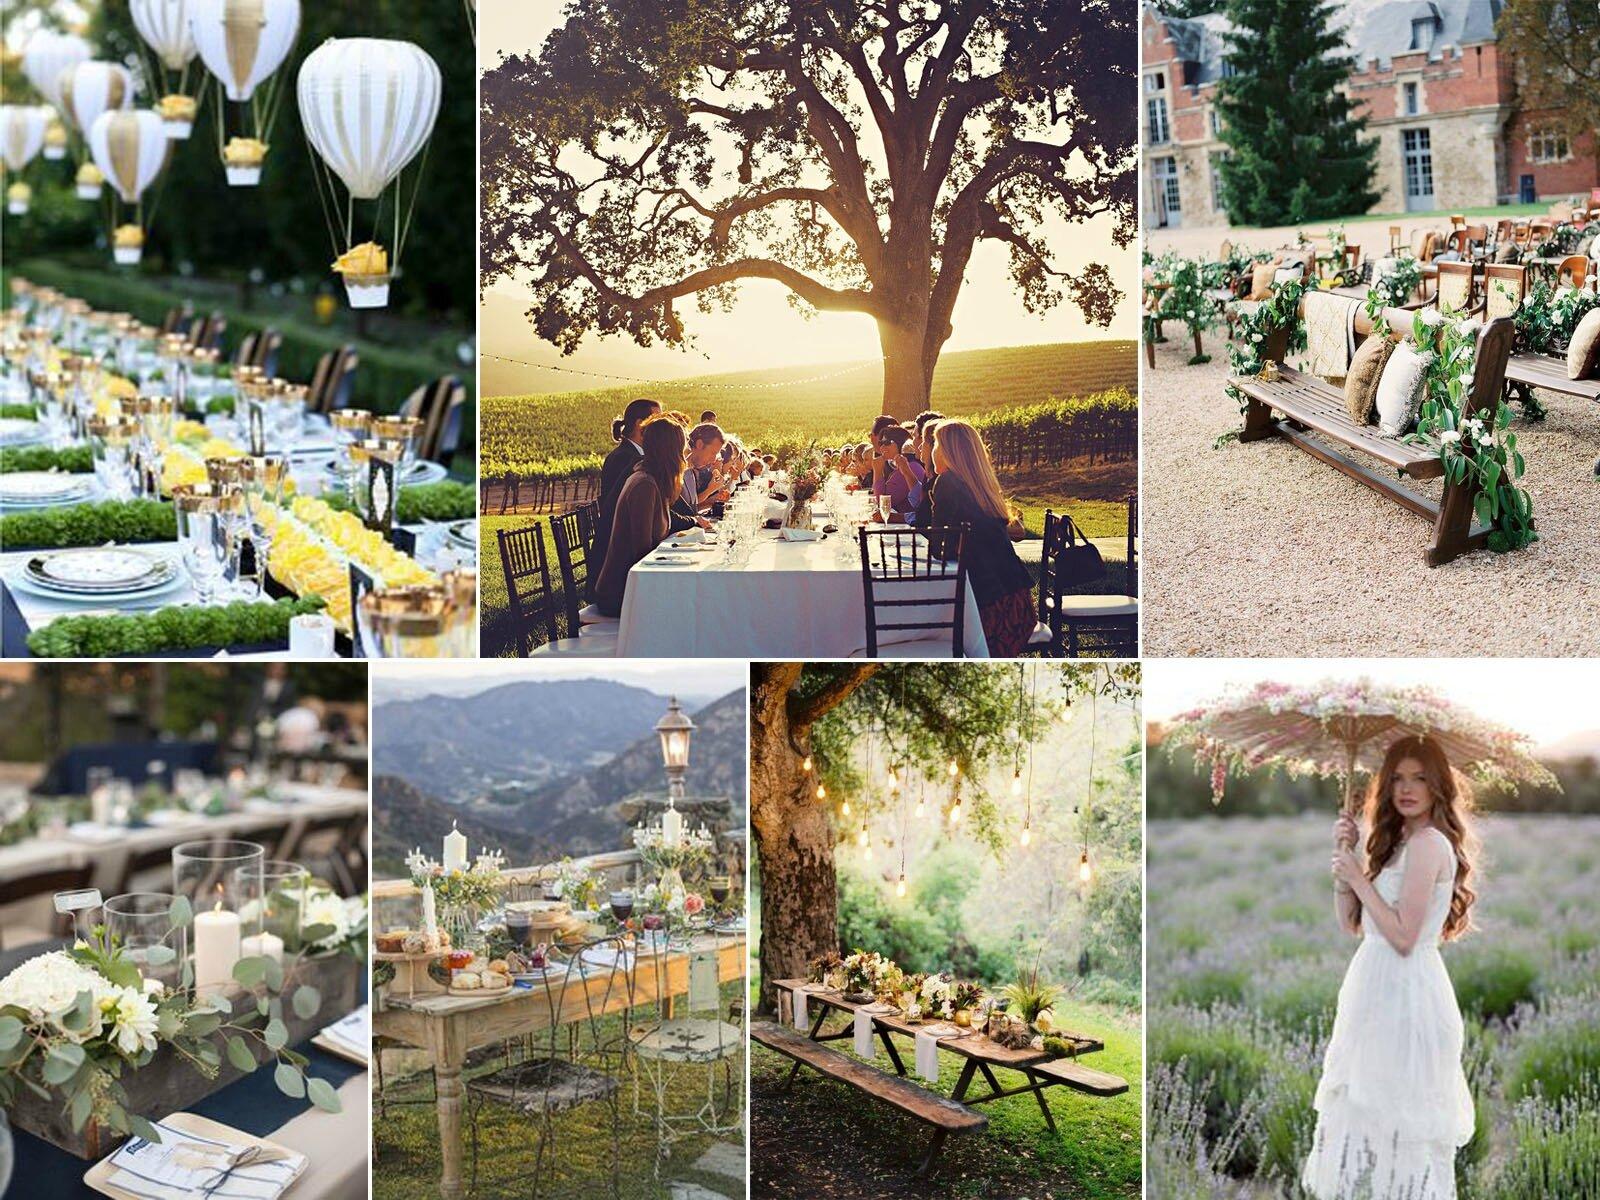 Mariage *Garden Party* - Rose Fantaisie *Wedding Planner & Wedding Déco*